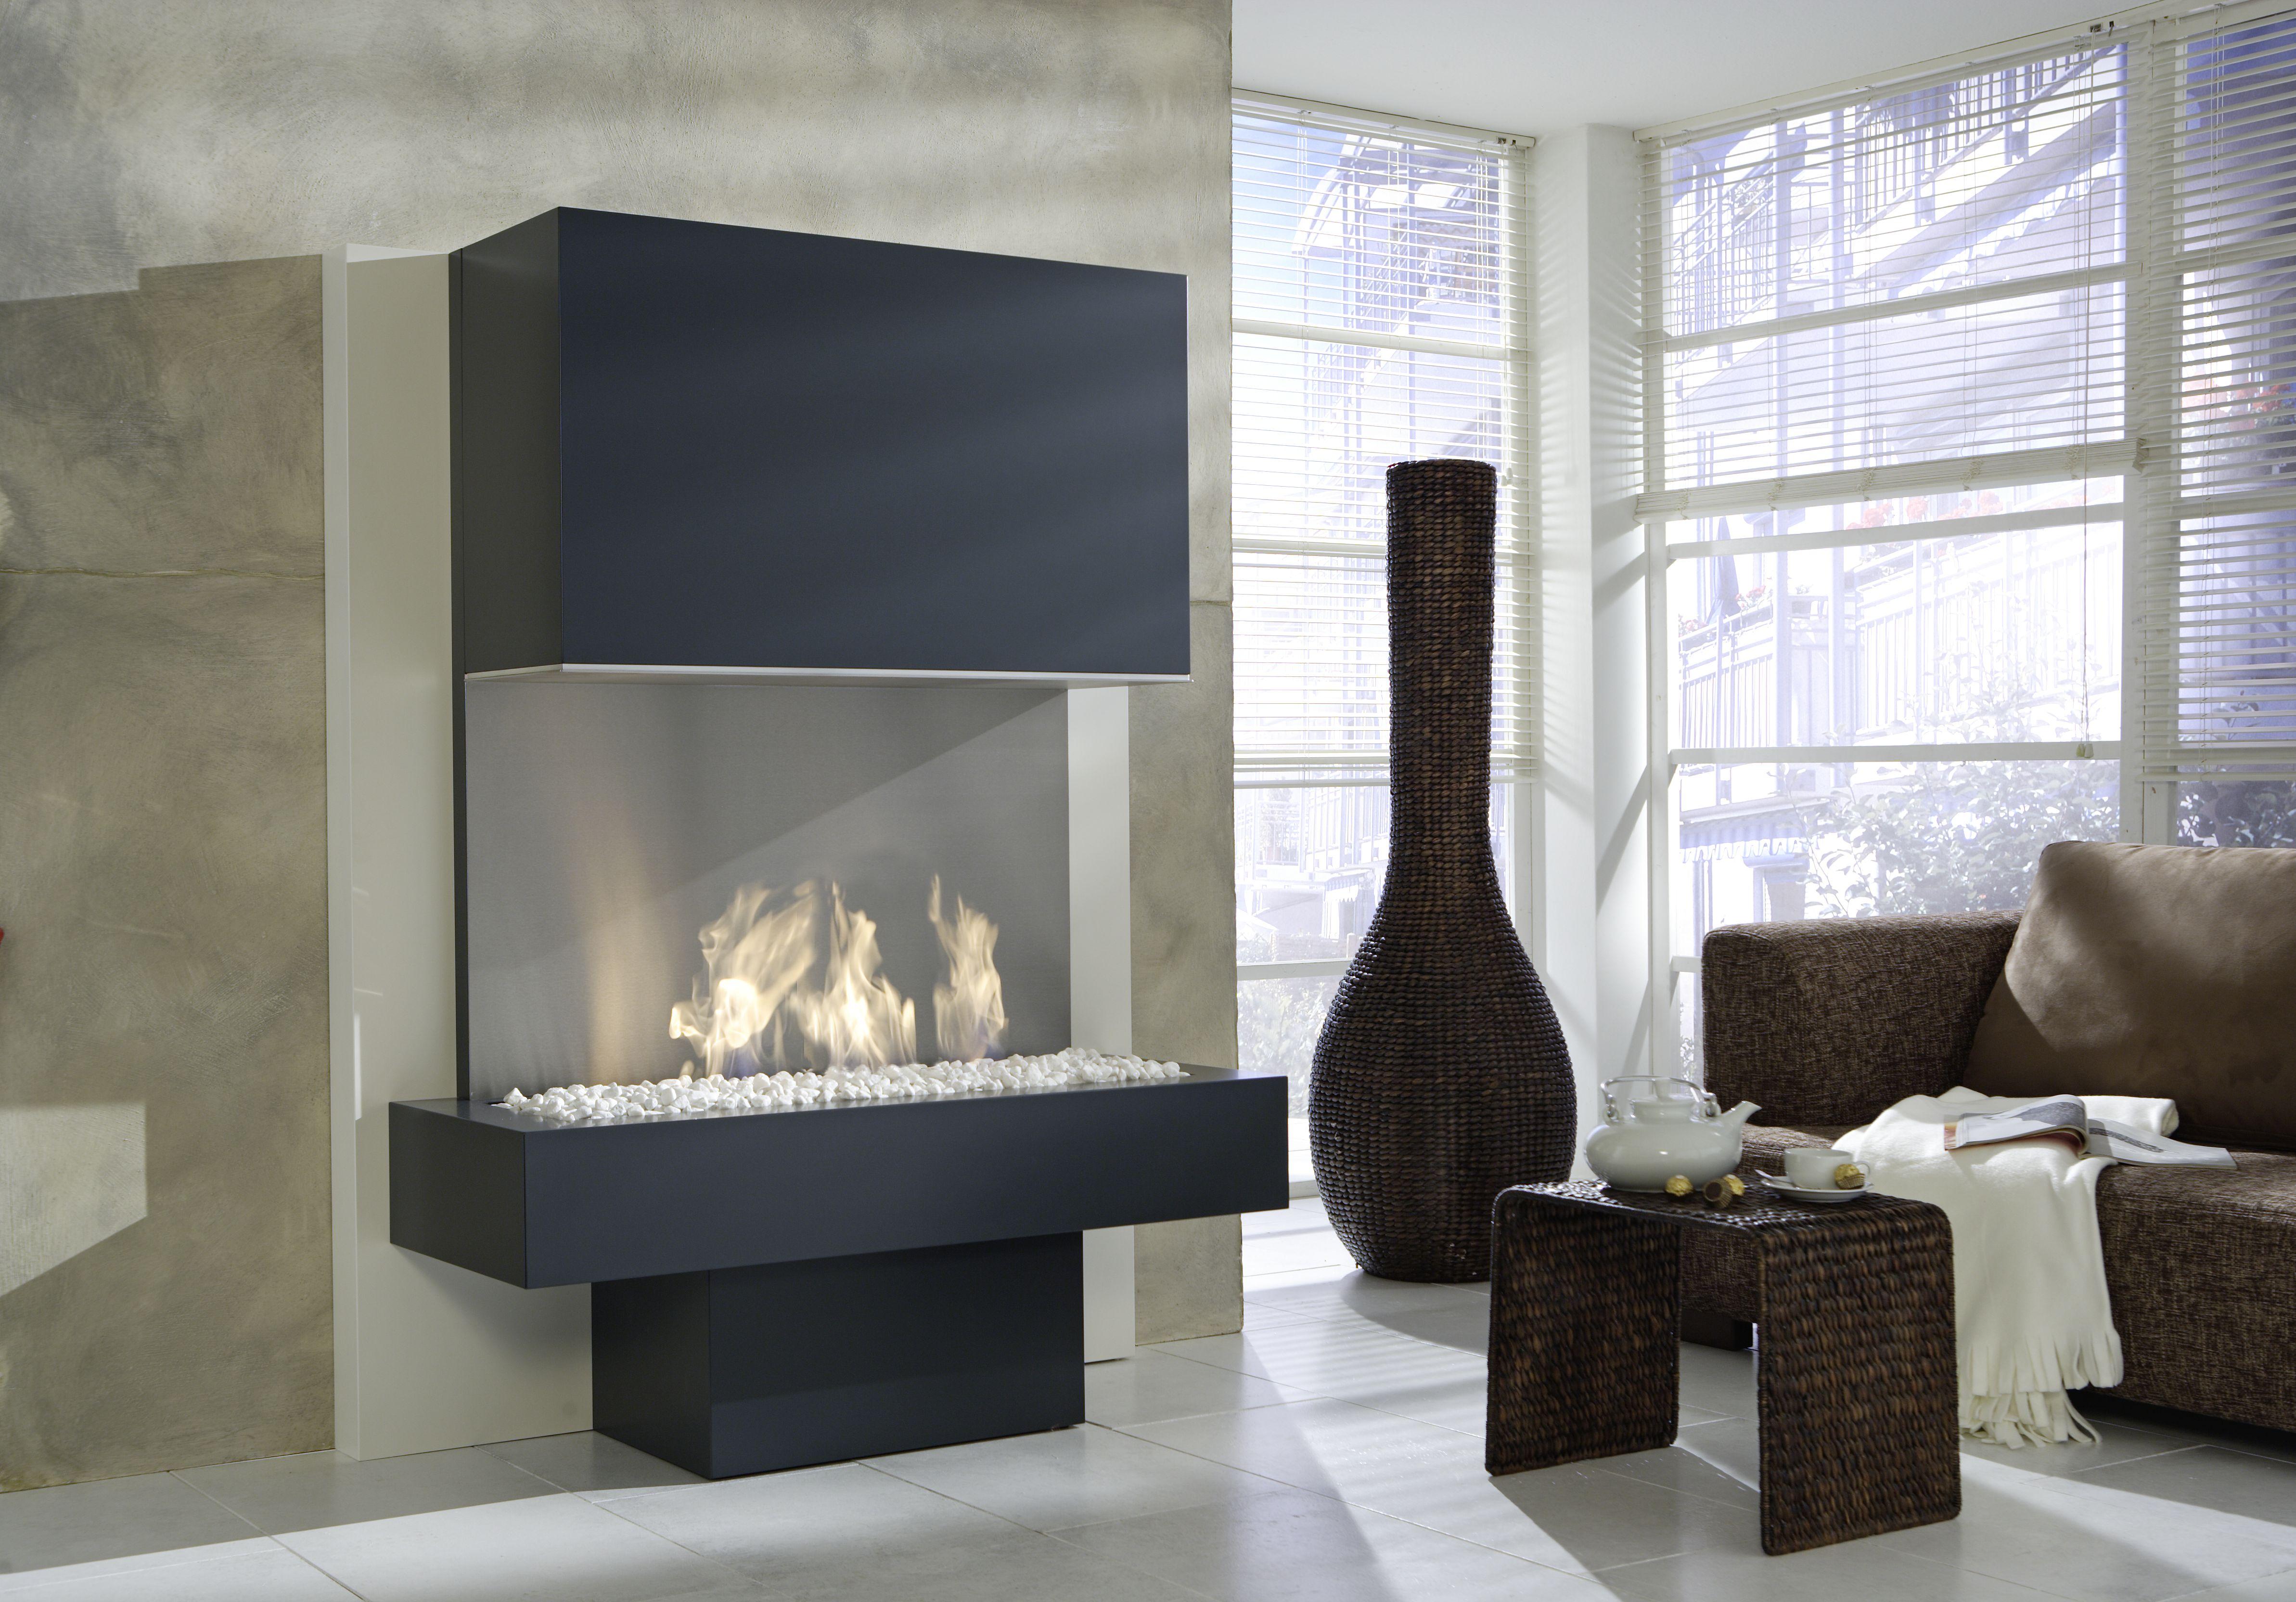 ethanolkamin designa sicherheit durch t v nach din4734 1. Black Bedroom Furniture Sets. Home Design Ideas